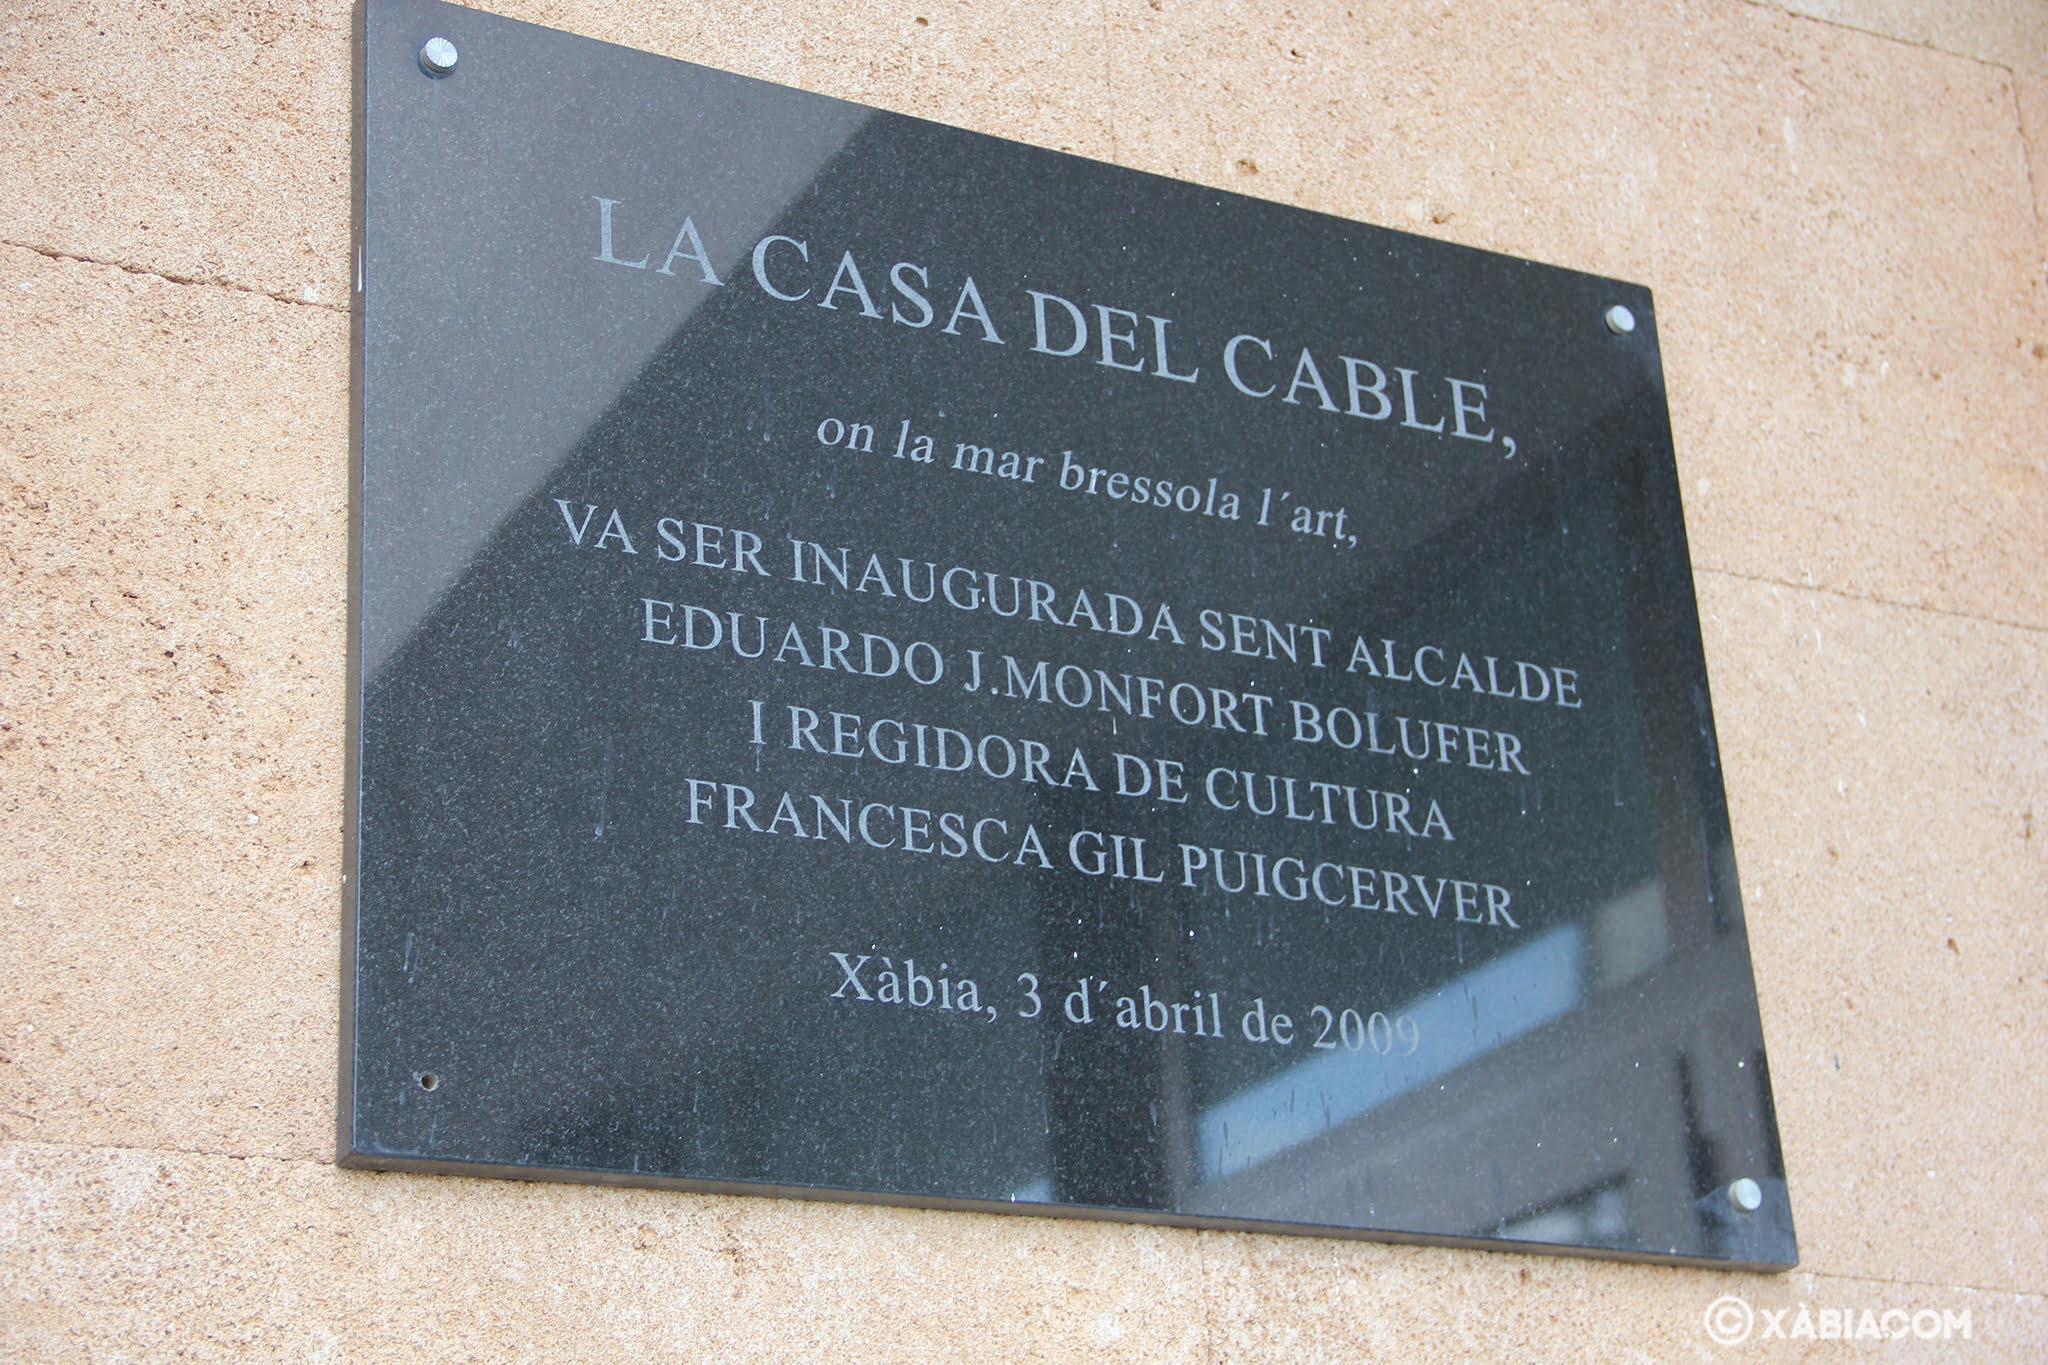 Placa de inauguración de la sala de exposiciones